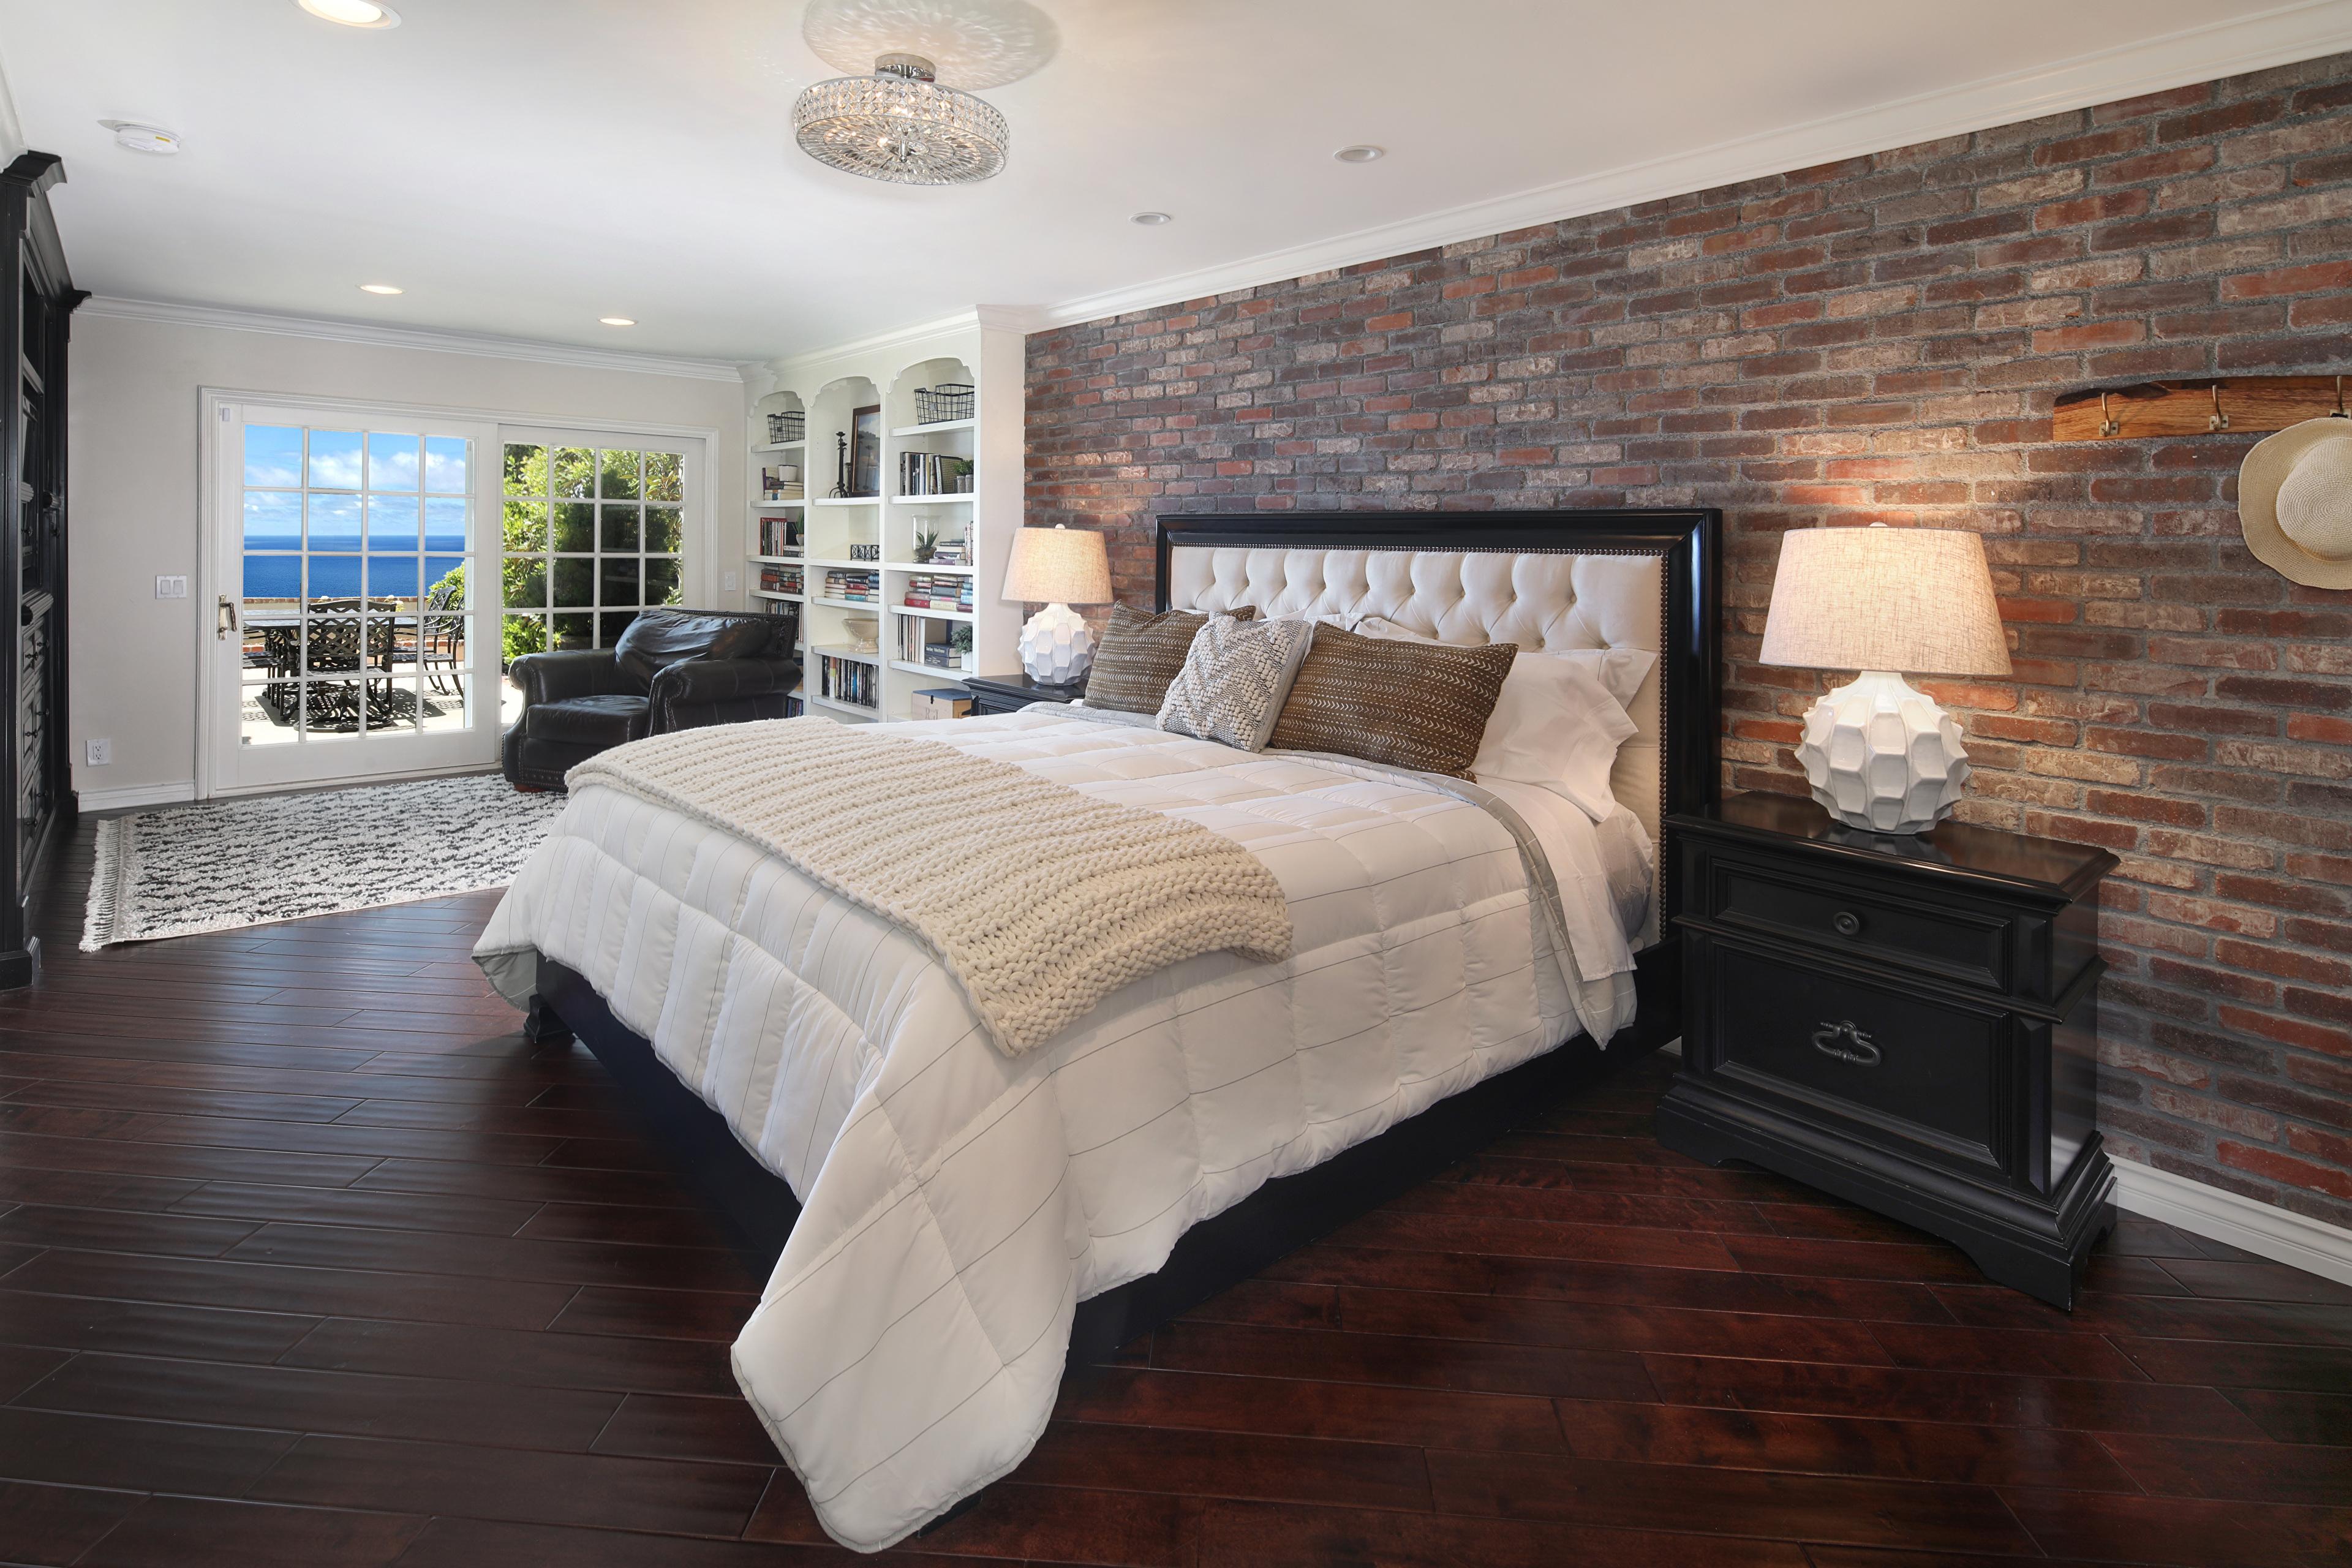 Fotos Schlafzimmer Innenarchitektur Bett Lampe Design Schlafkammer